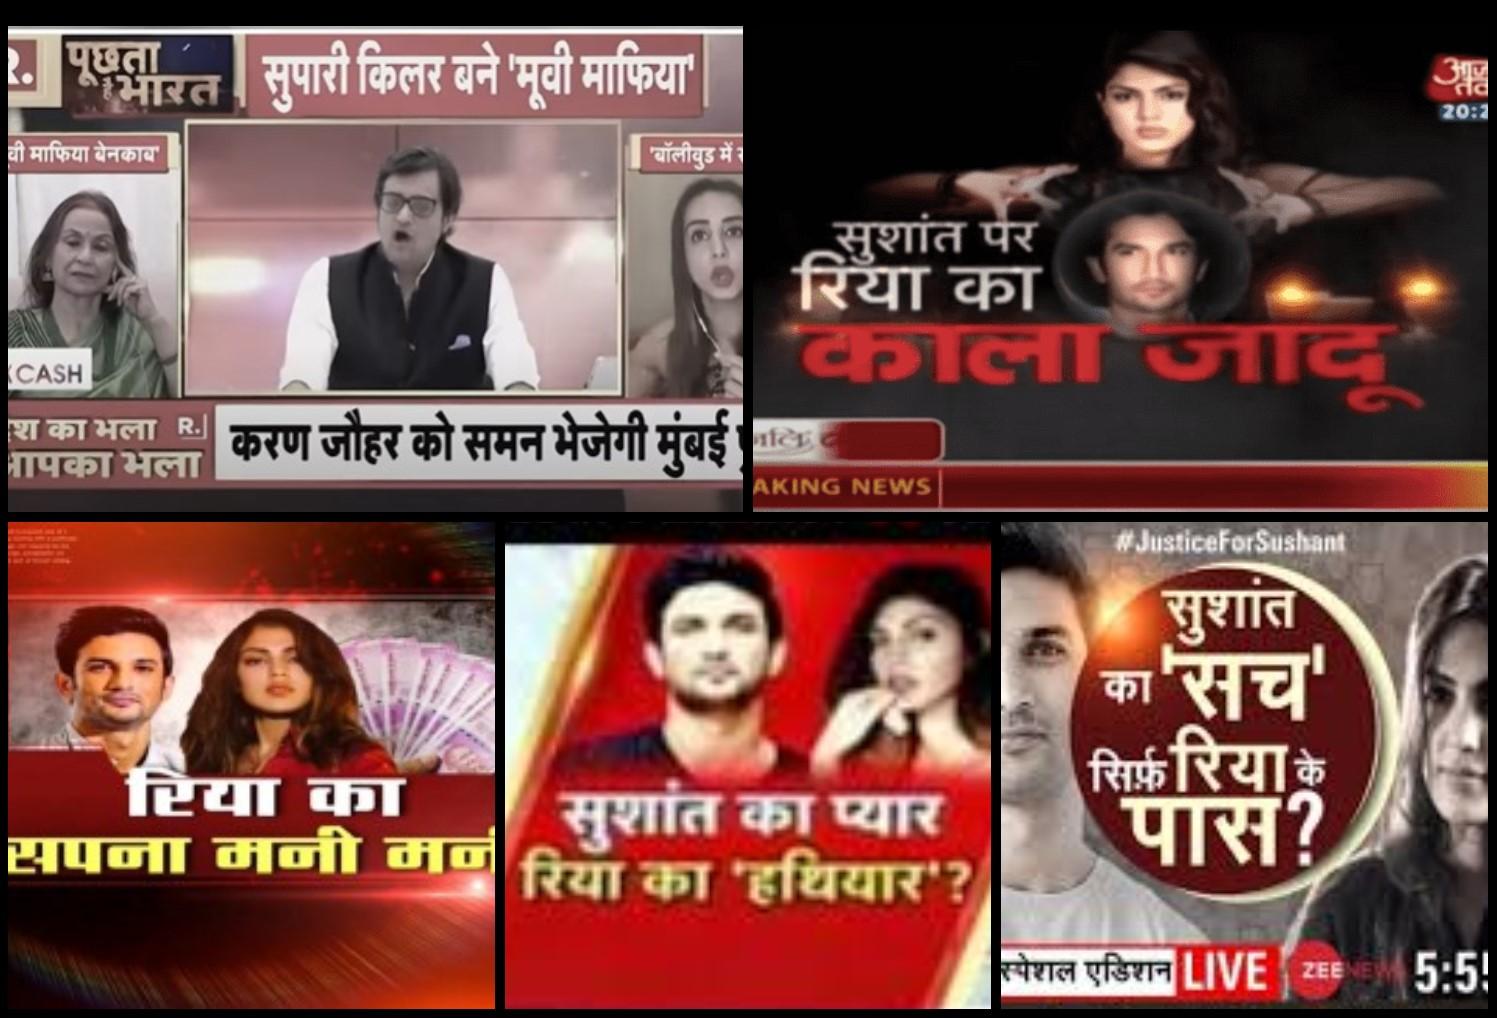 سشانت معاملے کو لےکر مختلف ٹی وی چینلوں کی کوریج(بہ شکریہ : متعلقہ چینل/ویڈیوگریب)